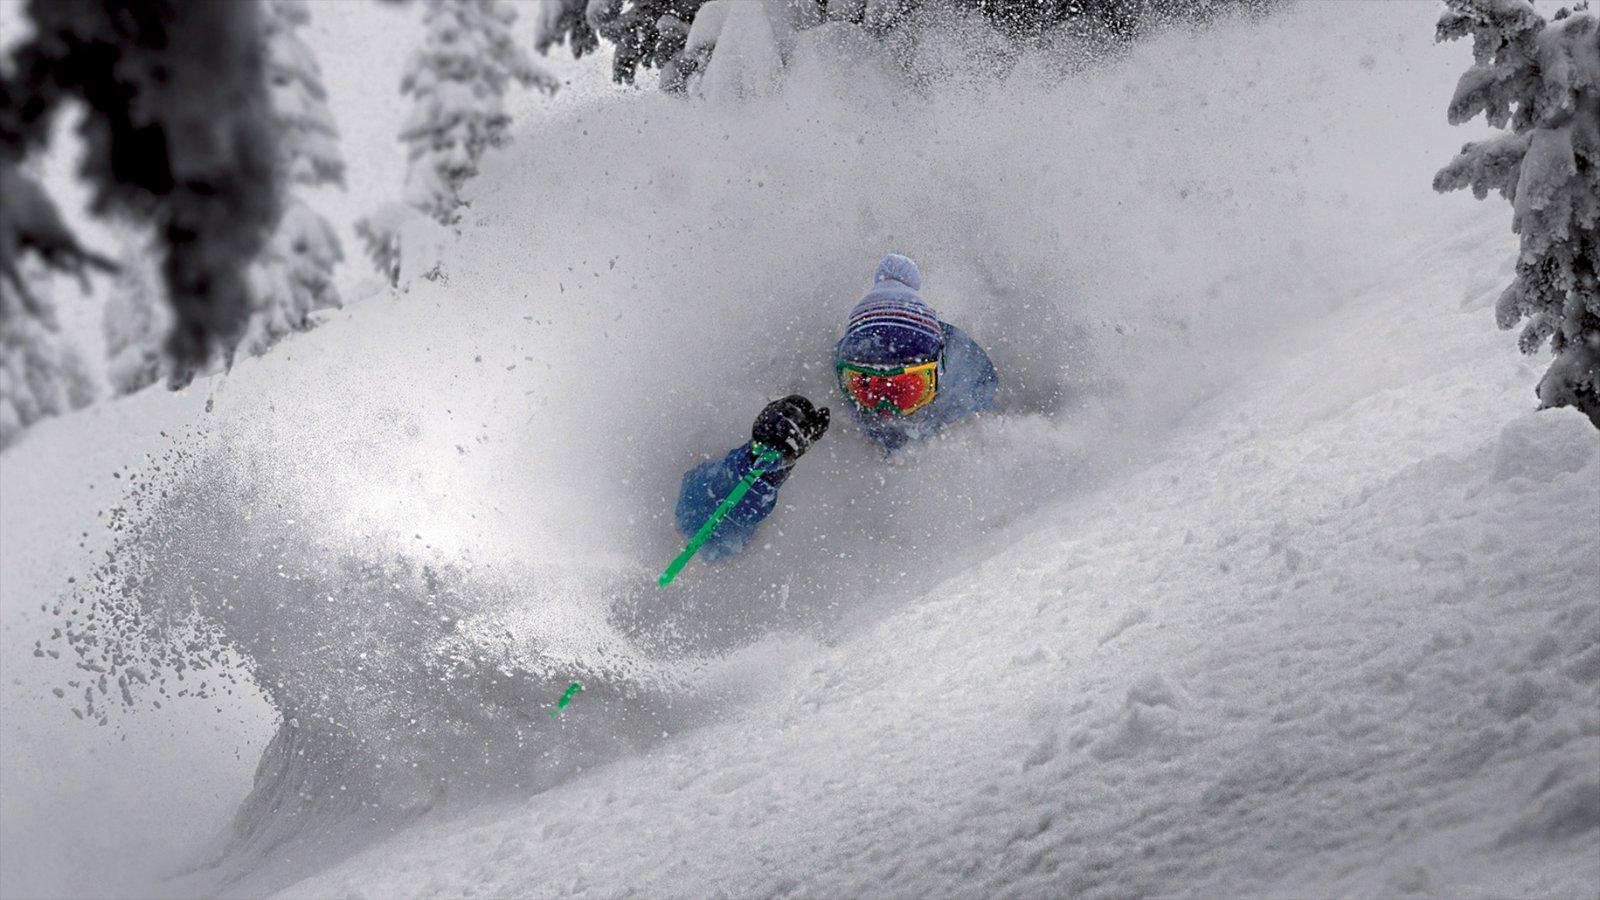 Complejo vacacional Grand Targhee que incluye nieve y esquiar en la nieve y también un hombre